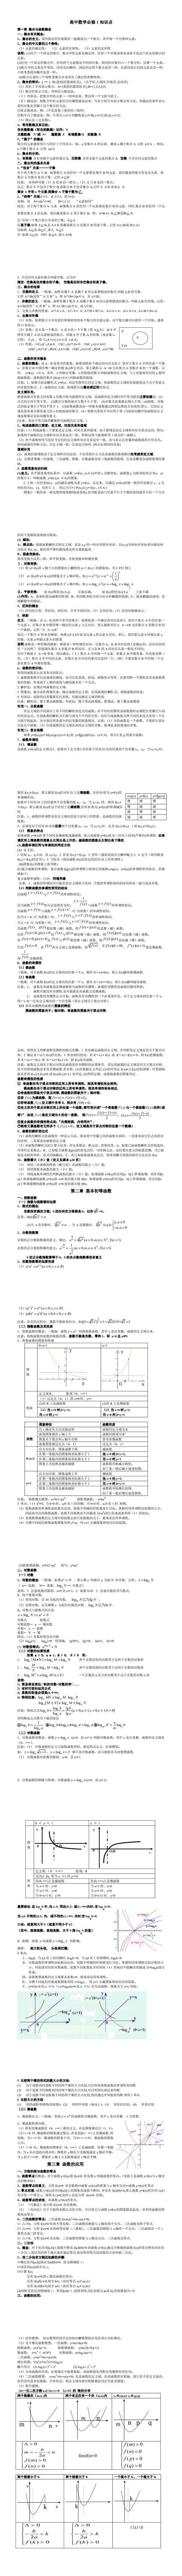 高中数学所有知识点总结 (值得收藏,史上最全总结)